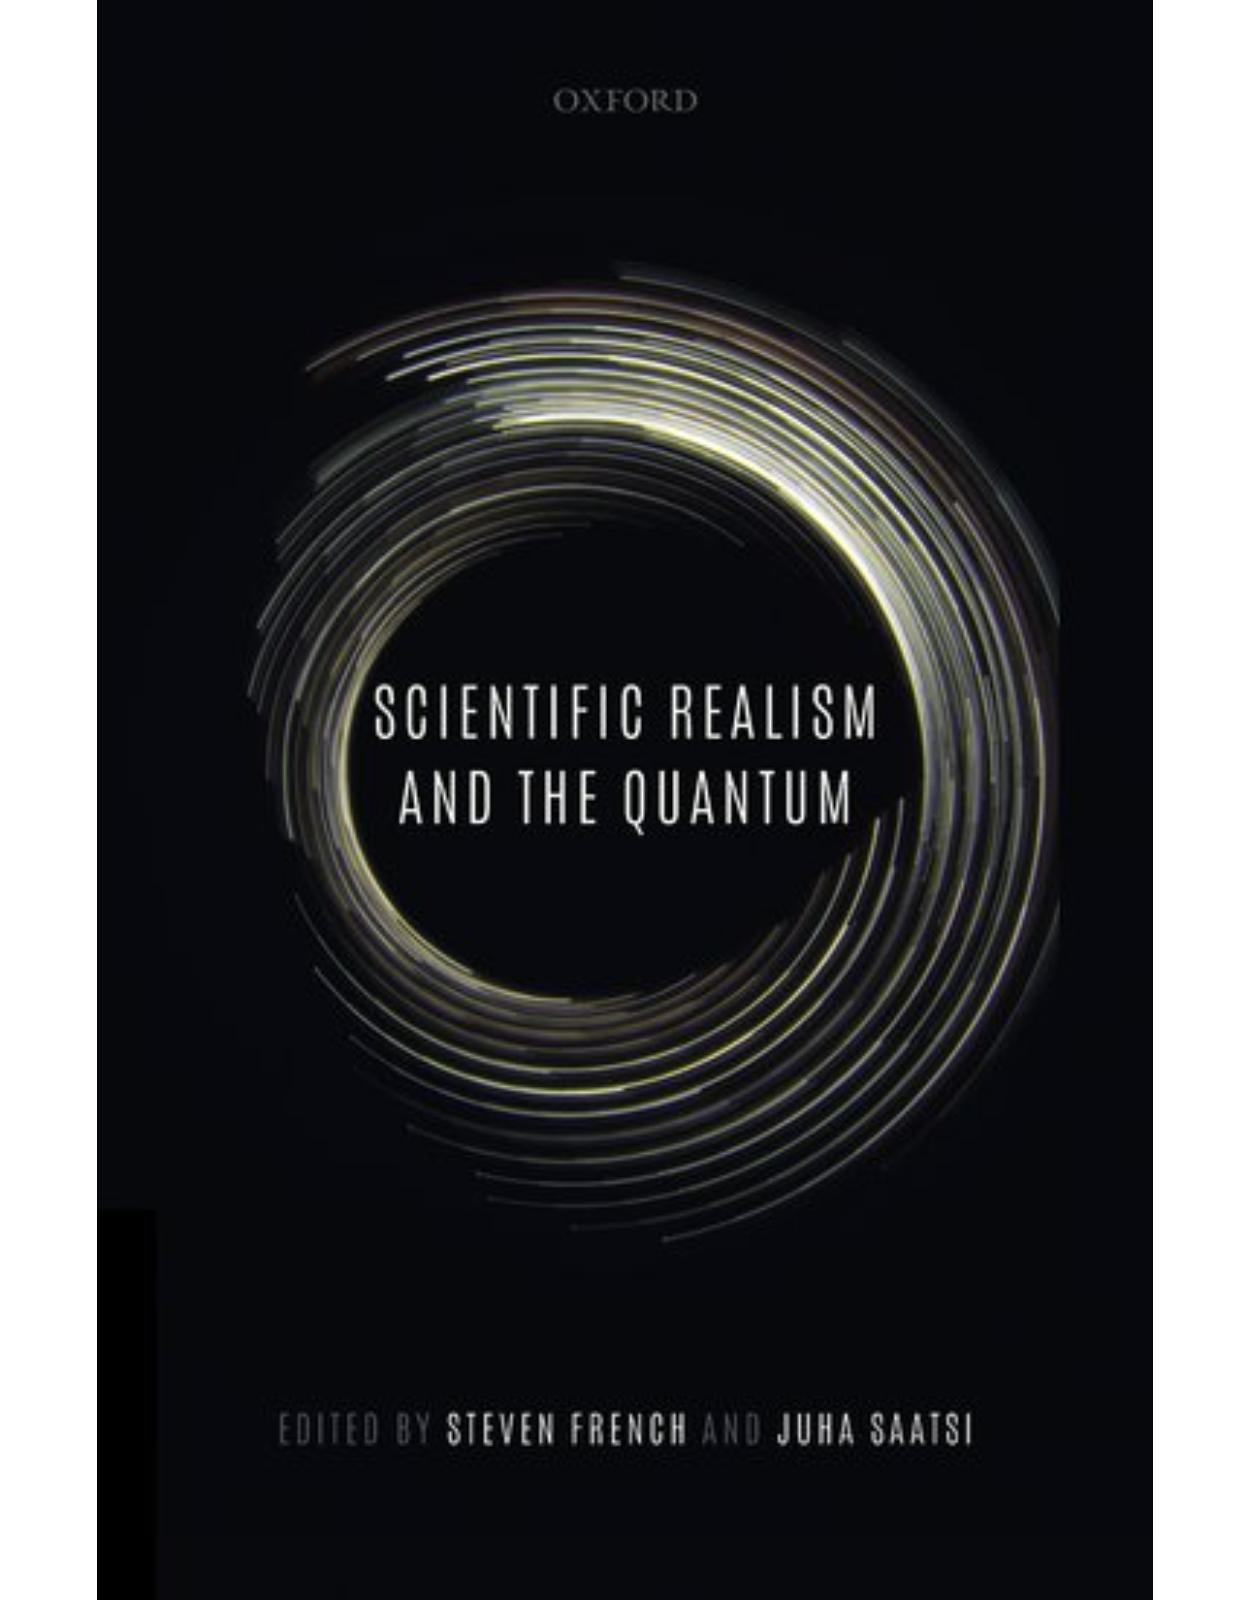 Scientific Realism and the Quantum